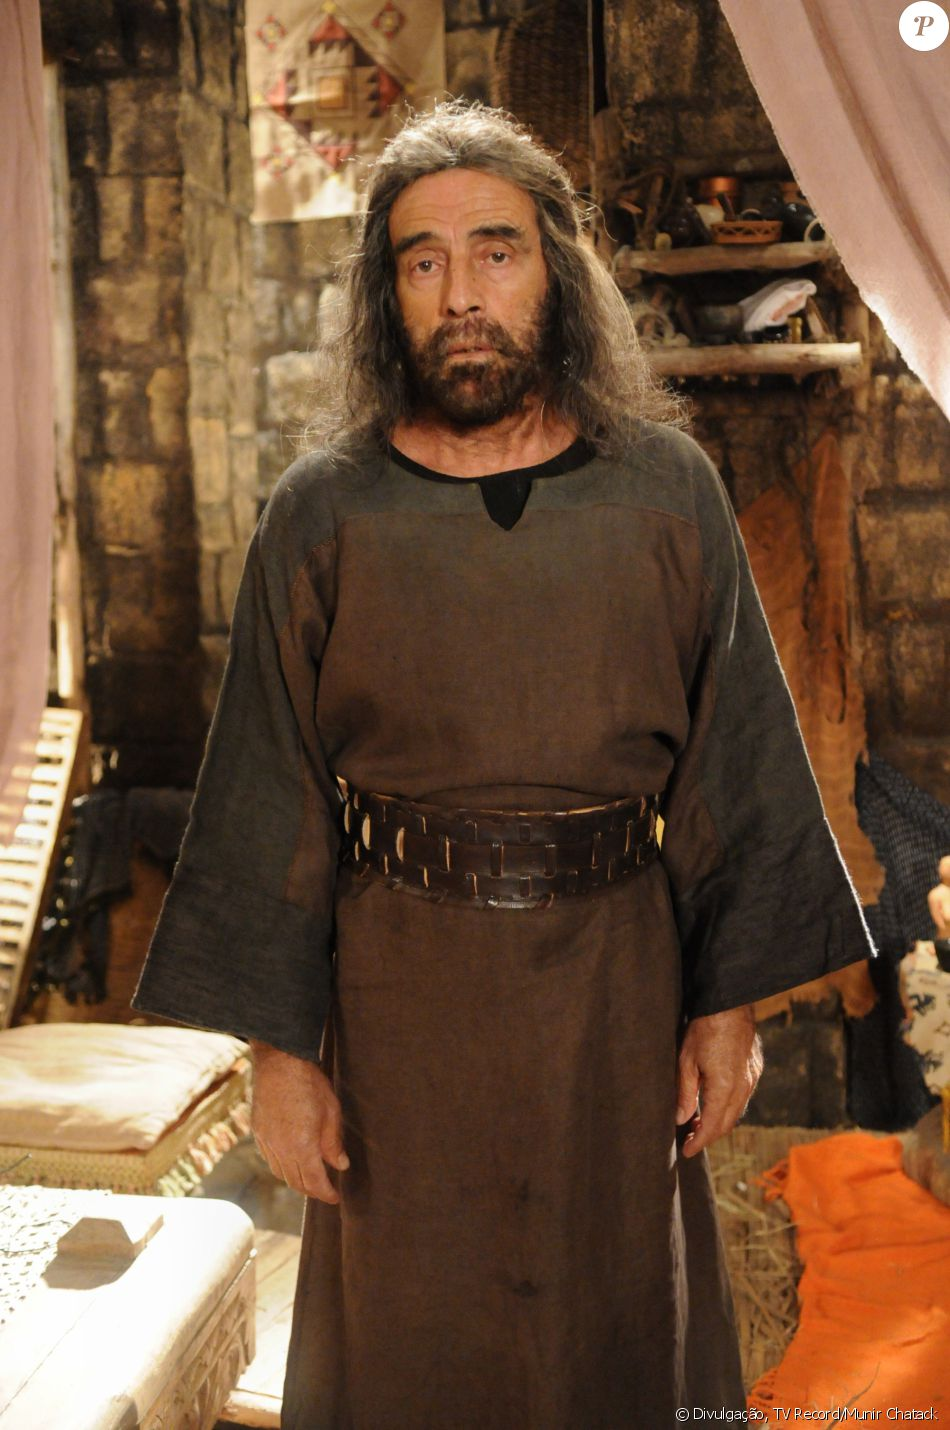 Orias (Walter Breda) é pai de Raabe (Miriam Freeland). É um sapateiro grosseiro e bruto que não se conforma com o fato da filha ser prostituta, na novela 'A Terra Prometida'